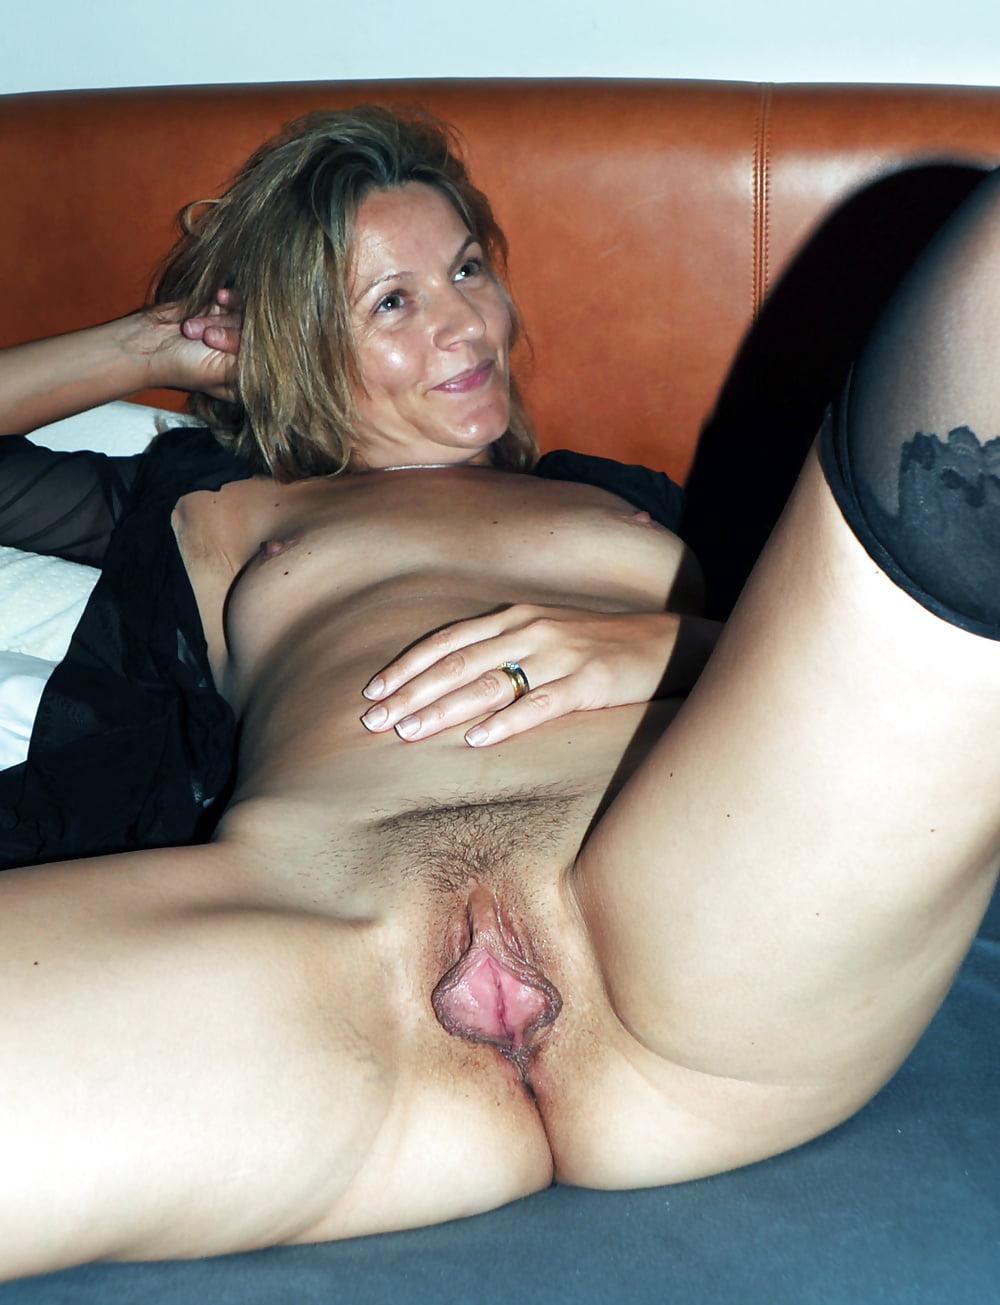 Дамы с раздвинутыми ногами огромными пиздами секс смотреть нежный